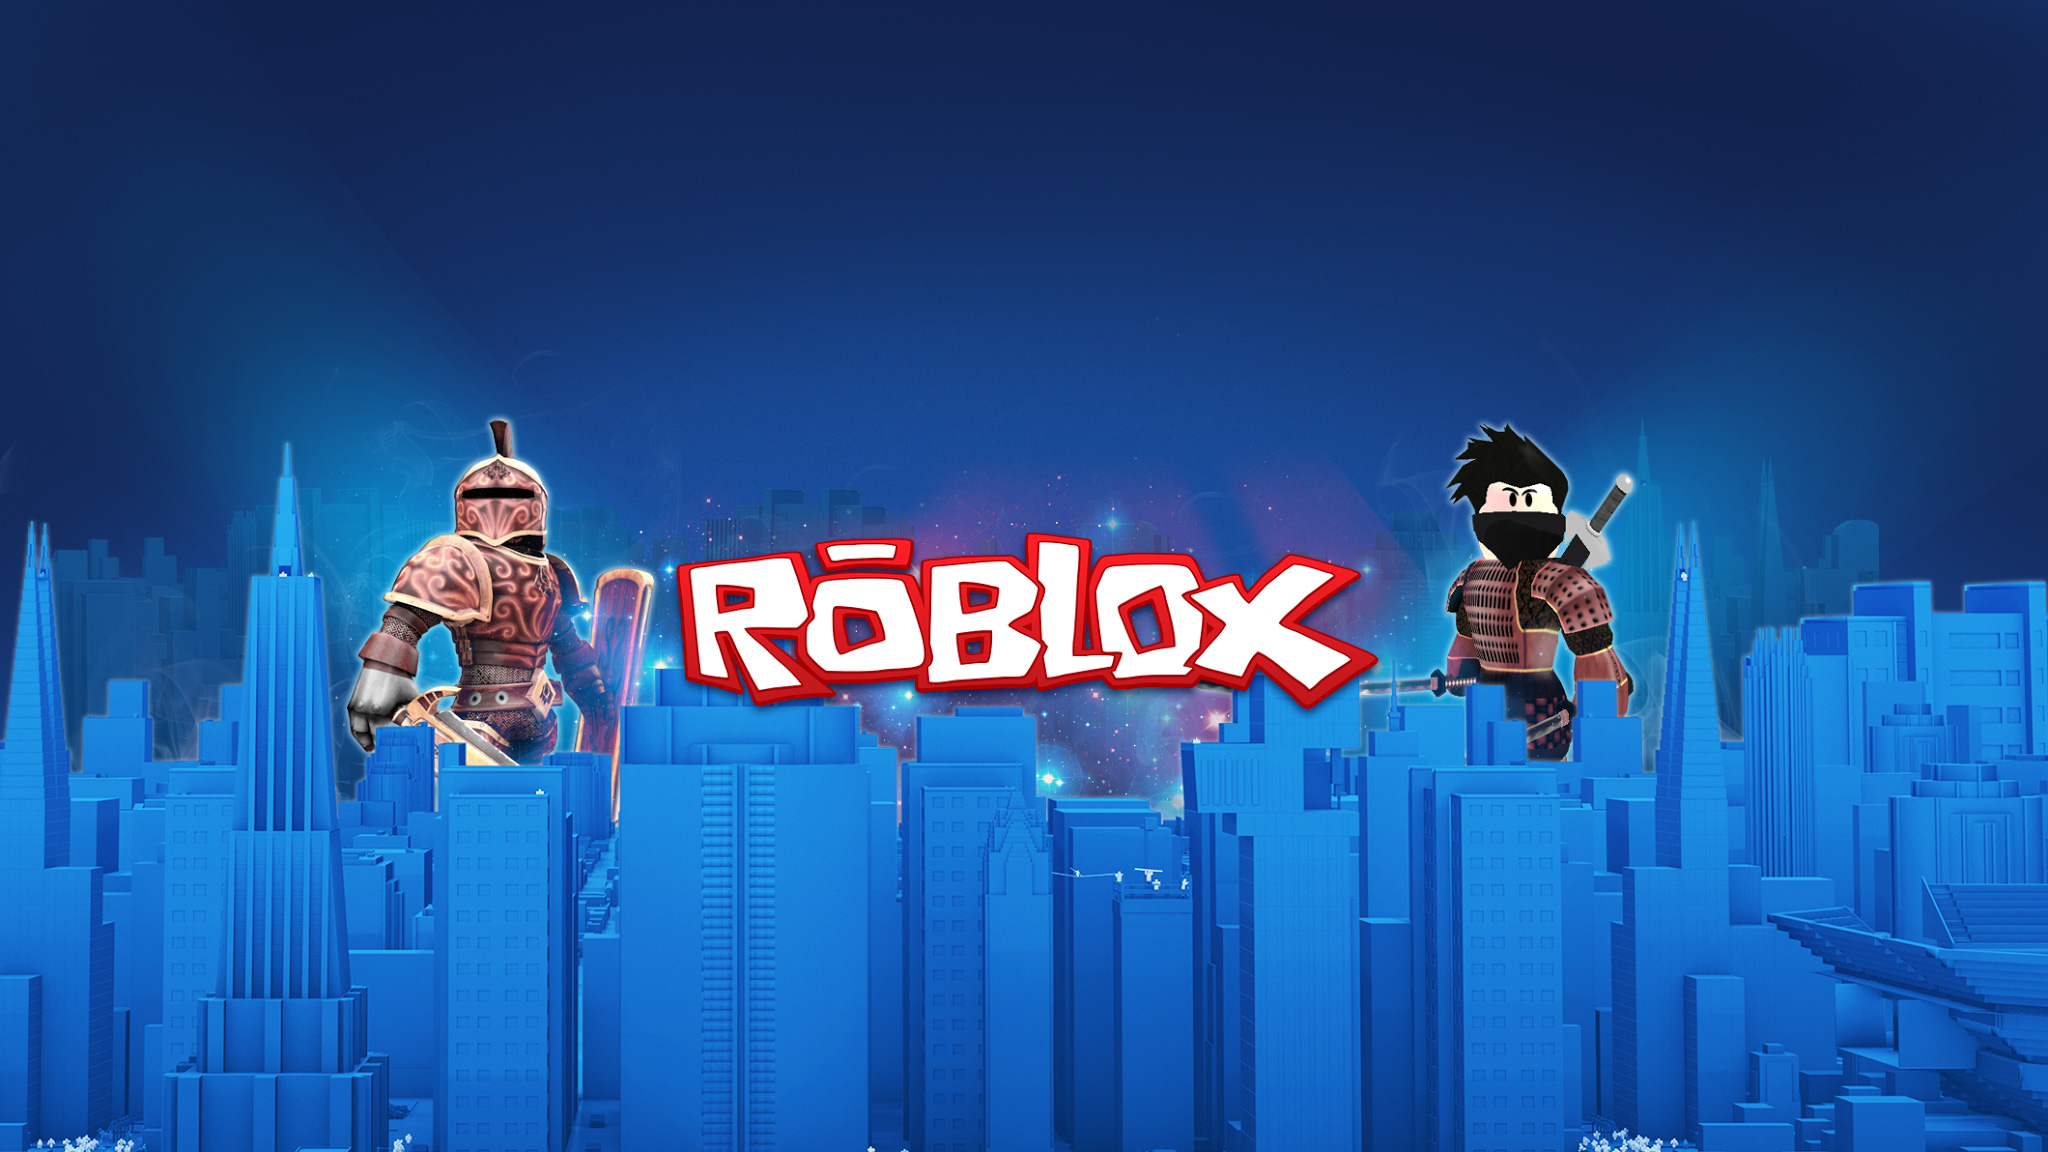 Pin Roblox Desktop 2048x1152